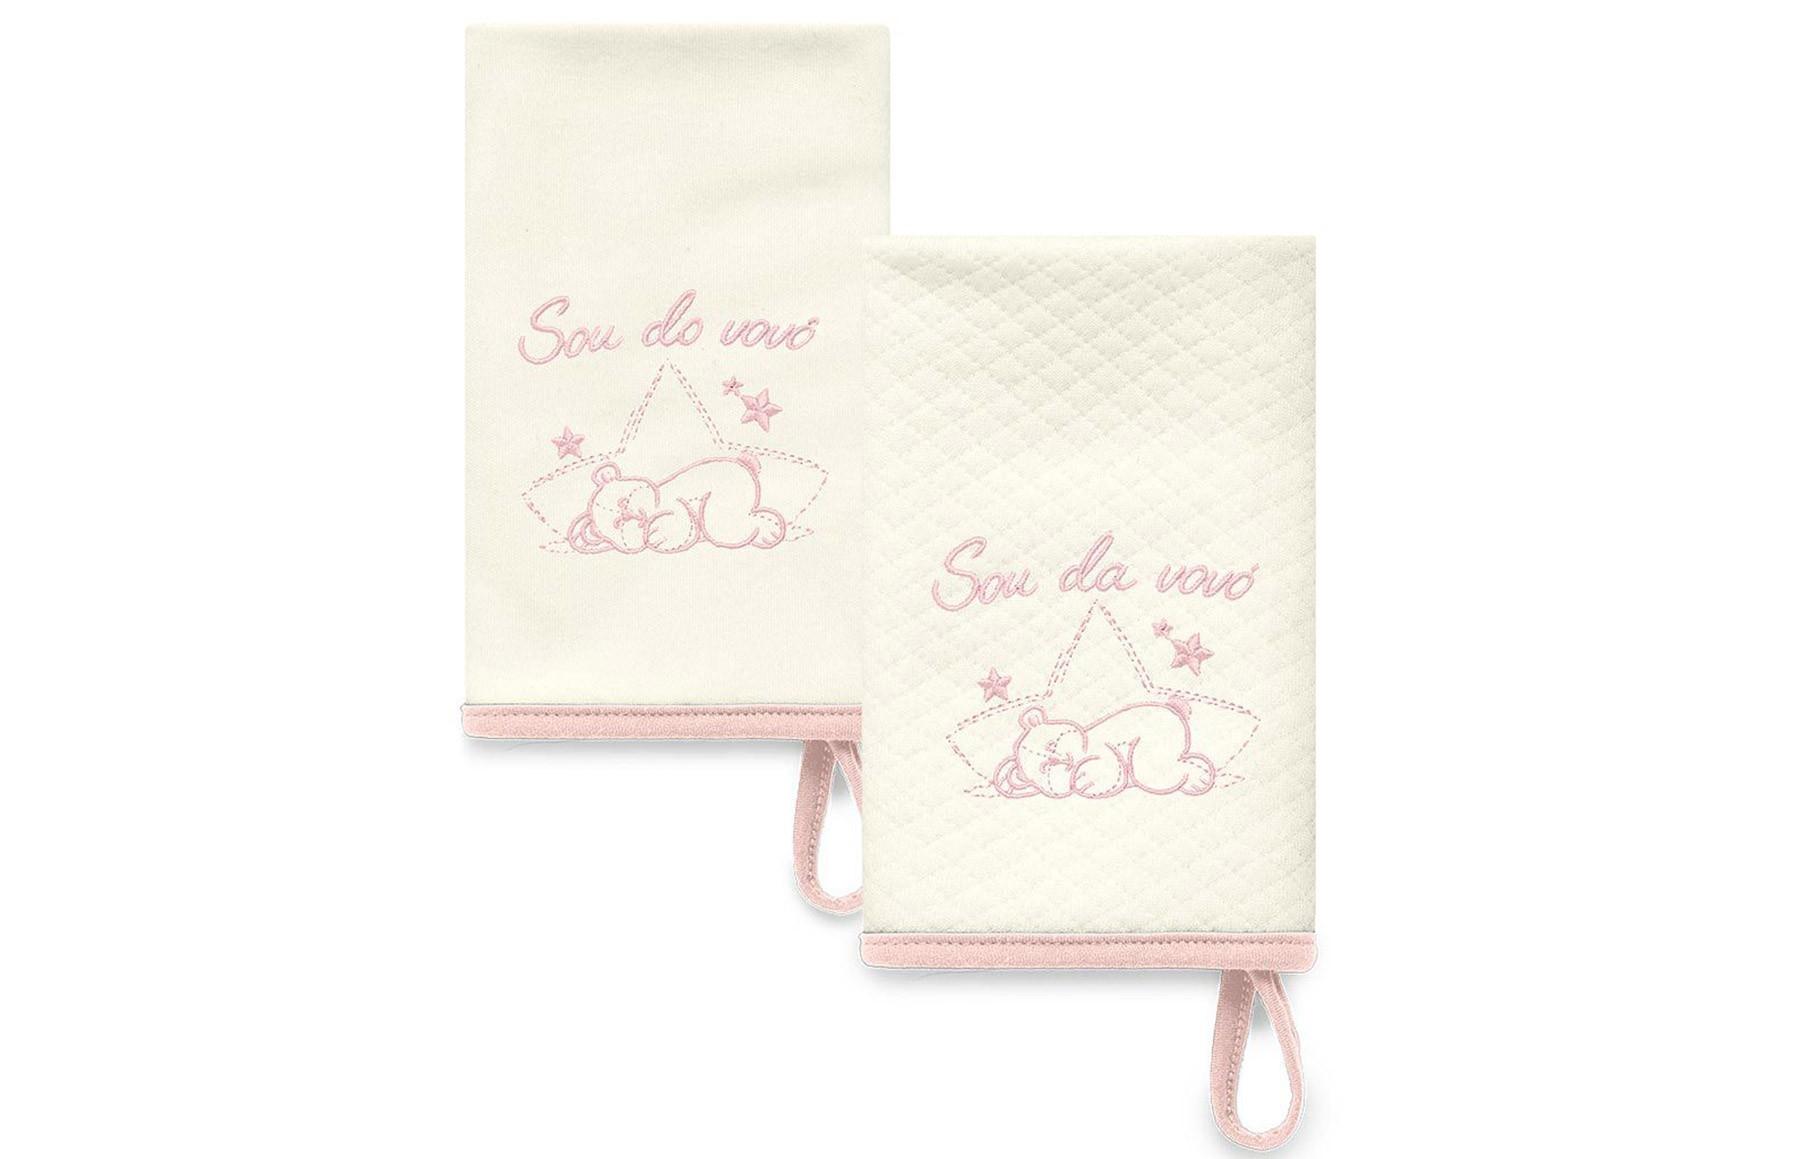 Kit Com 2 Babinhas Rosa Acessórios -Sou da Vovó